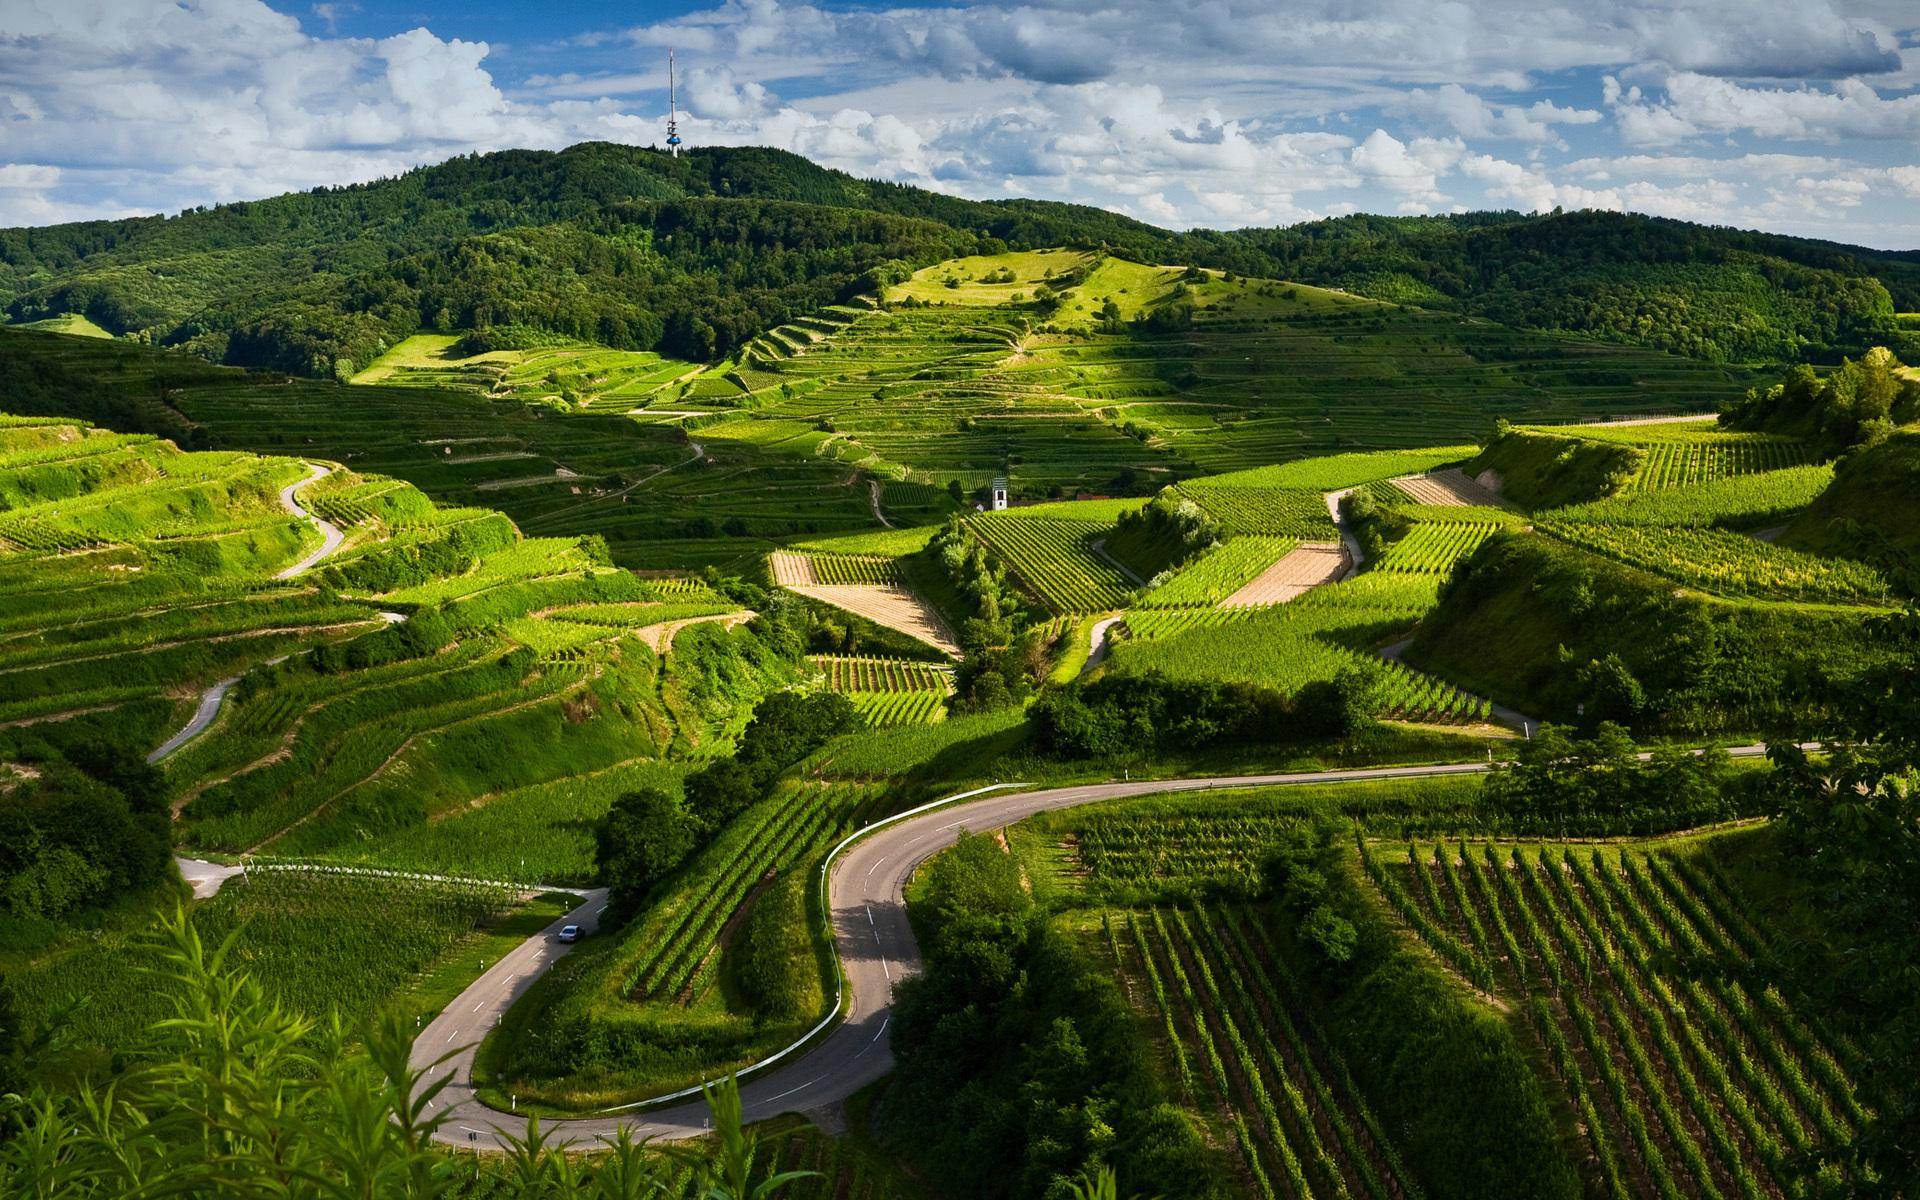 Природа пейзаж виноградники дорога